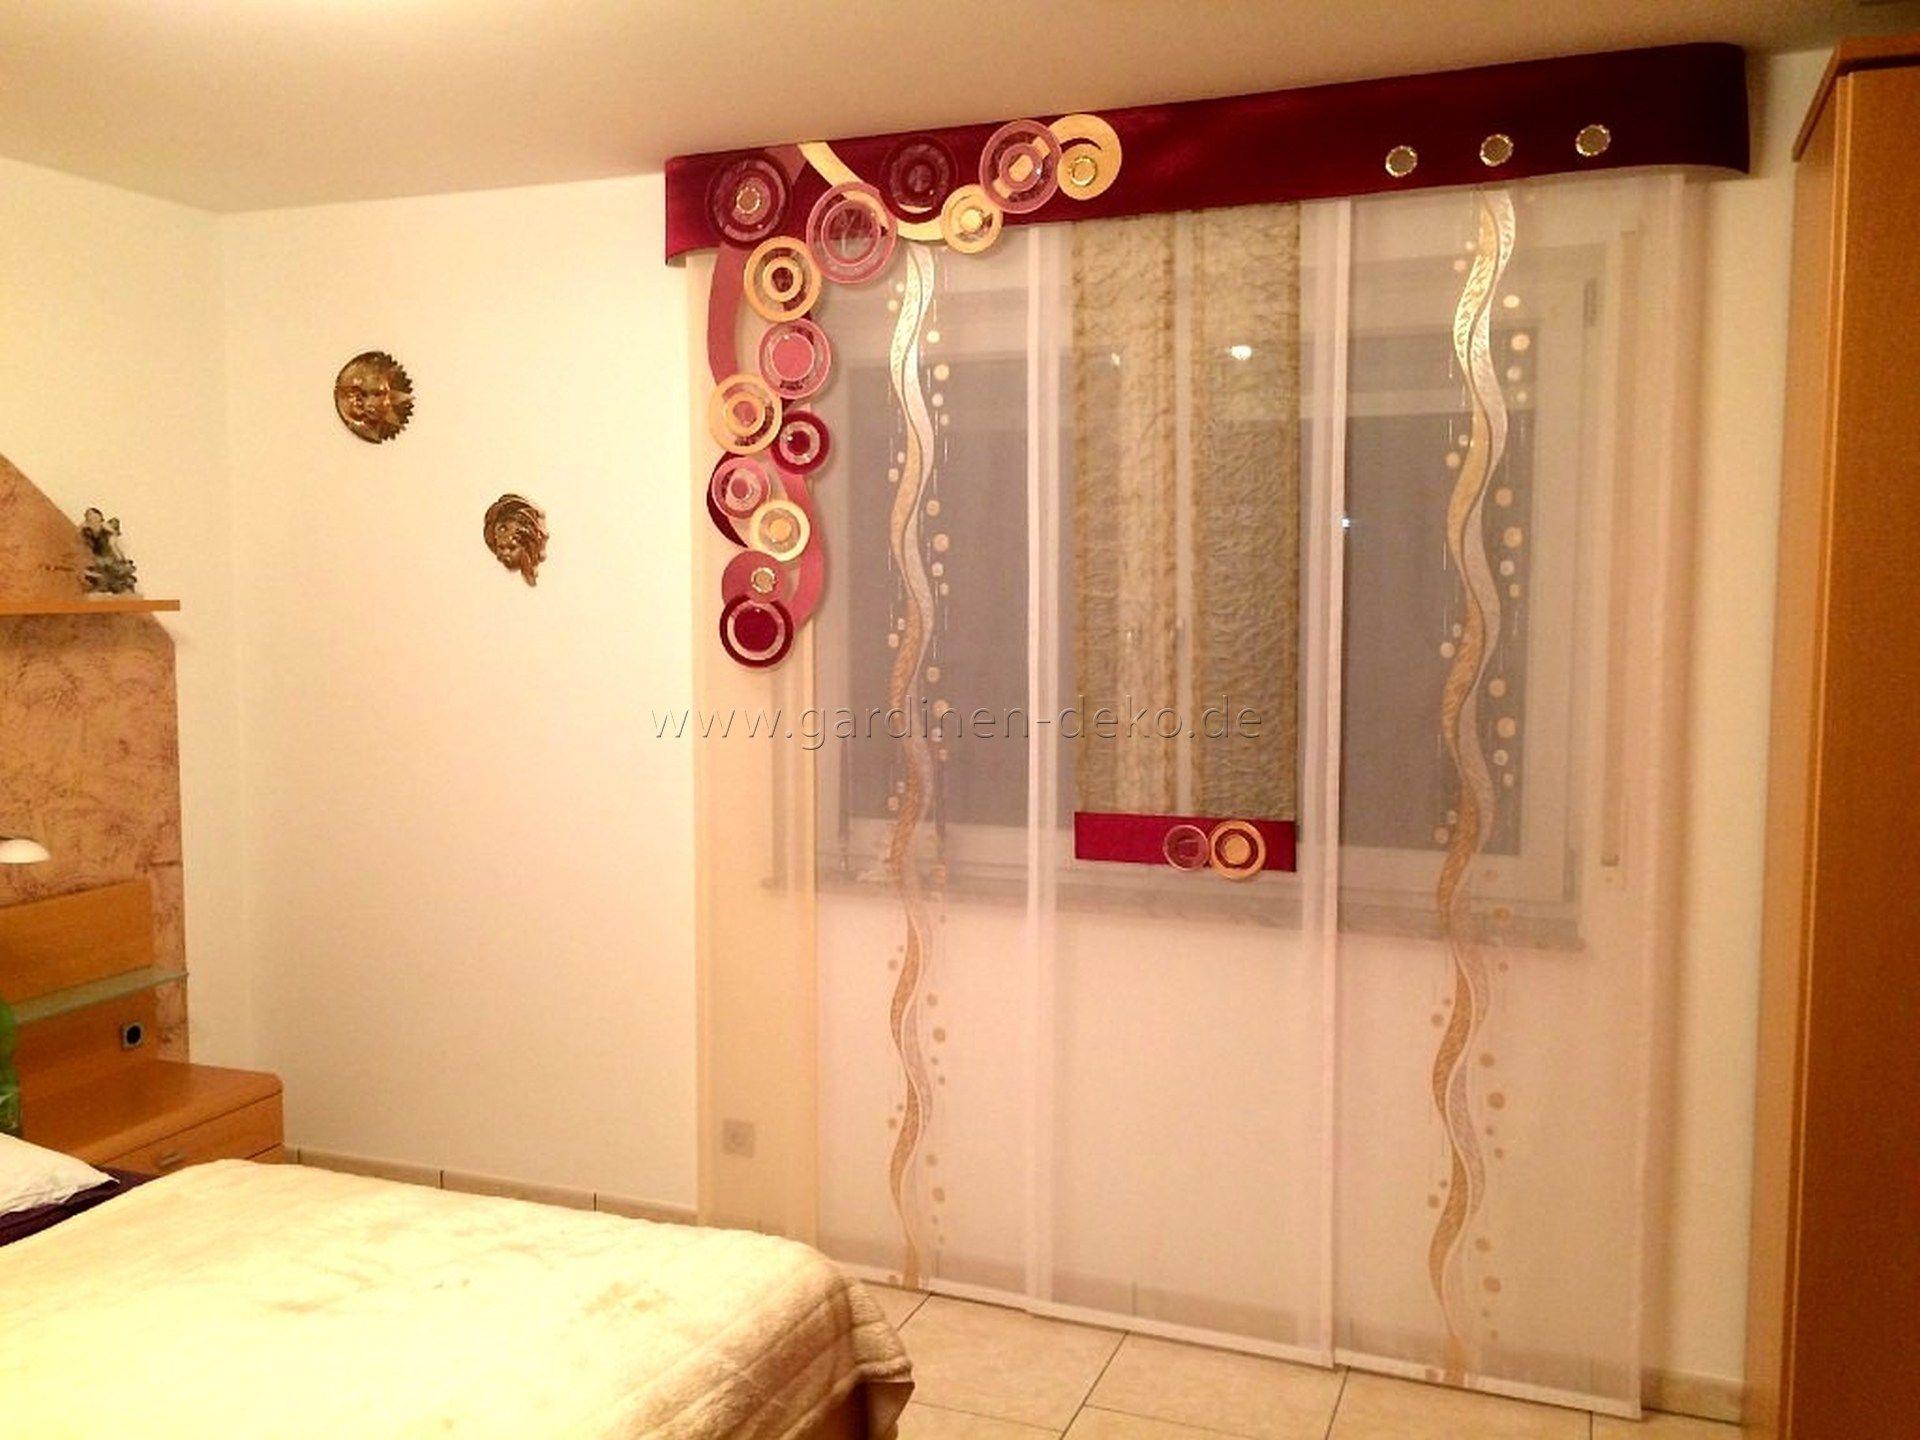 Wohnzimmer Gardinen Liliya ciekawe Pinterest